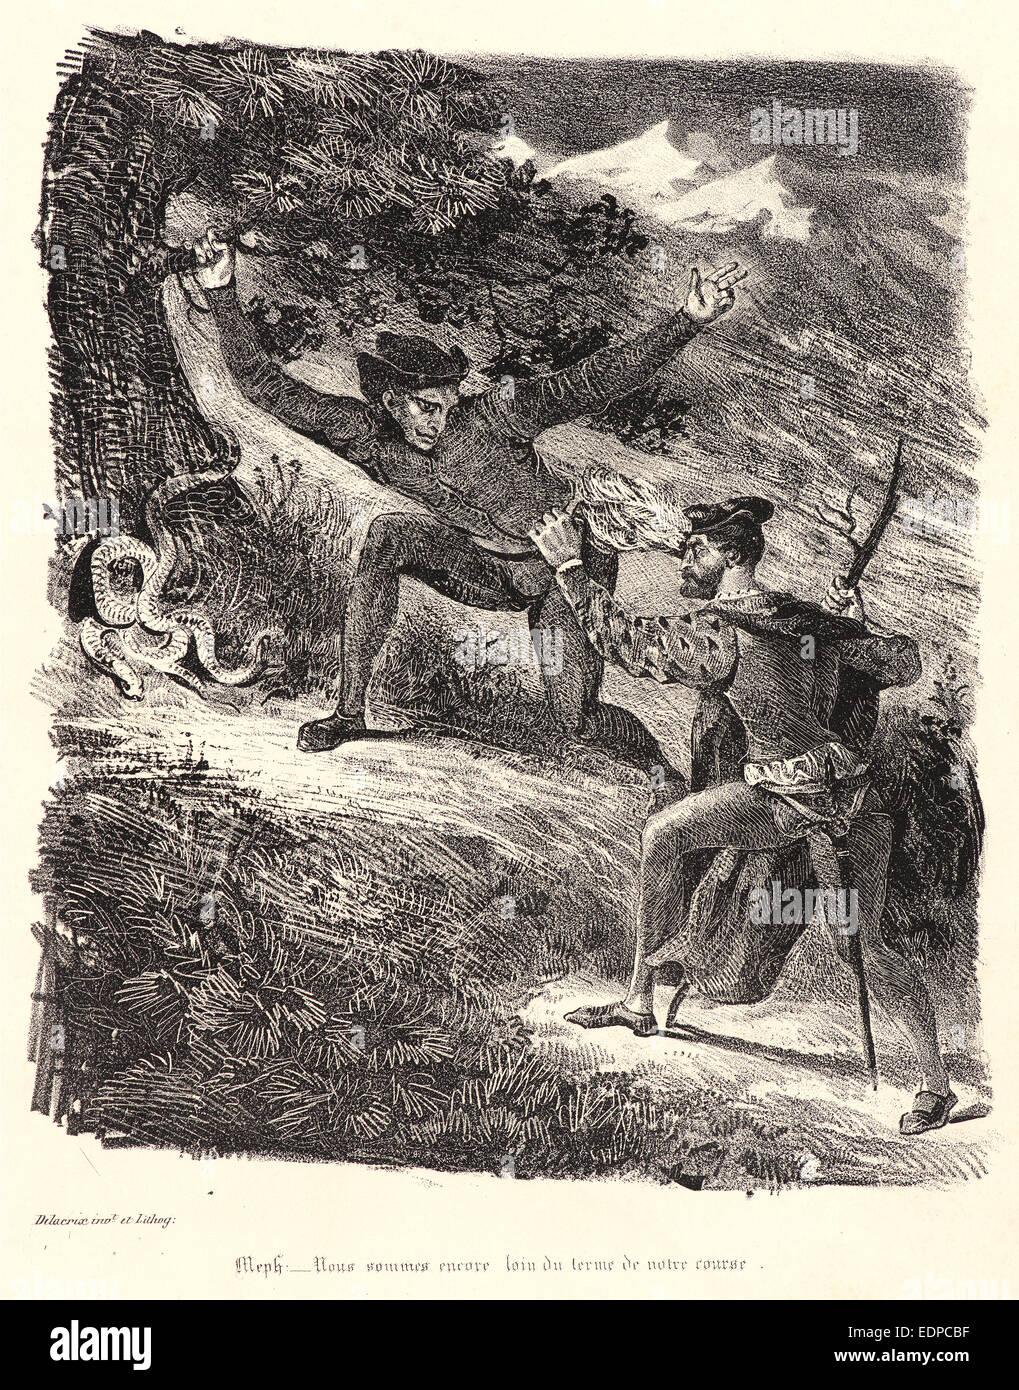 Eugène Delacroix (French, 1798 - 1863). Faust and Mephistopheles in the Hartz Mountains (Faust et Méphistophélès) - Stock Image